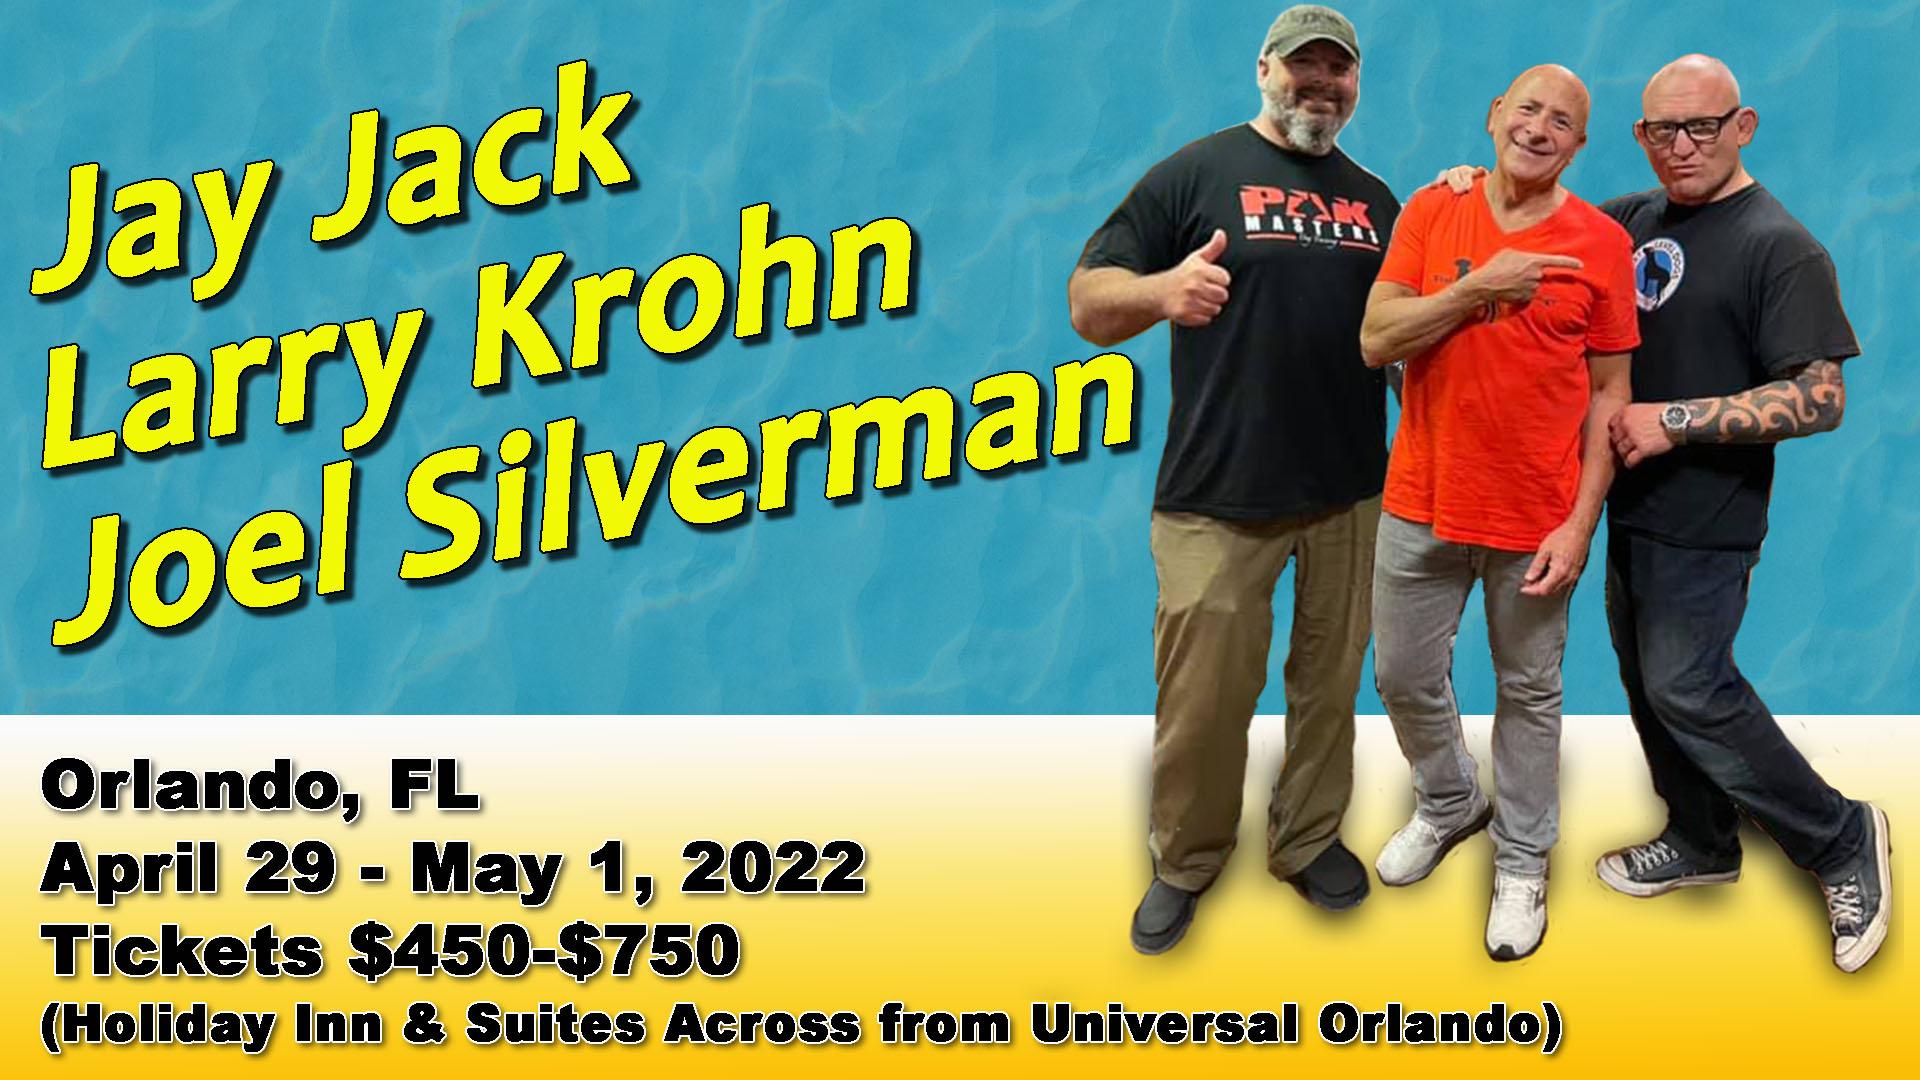 Joel Silverman Larry Krohn Jay Jack